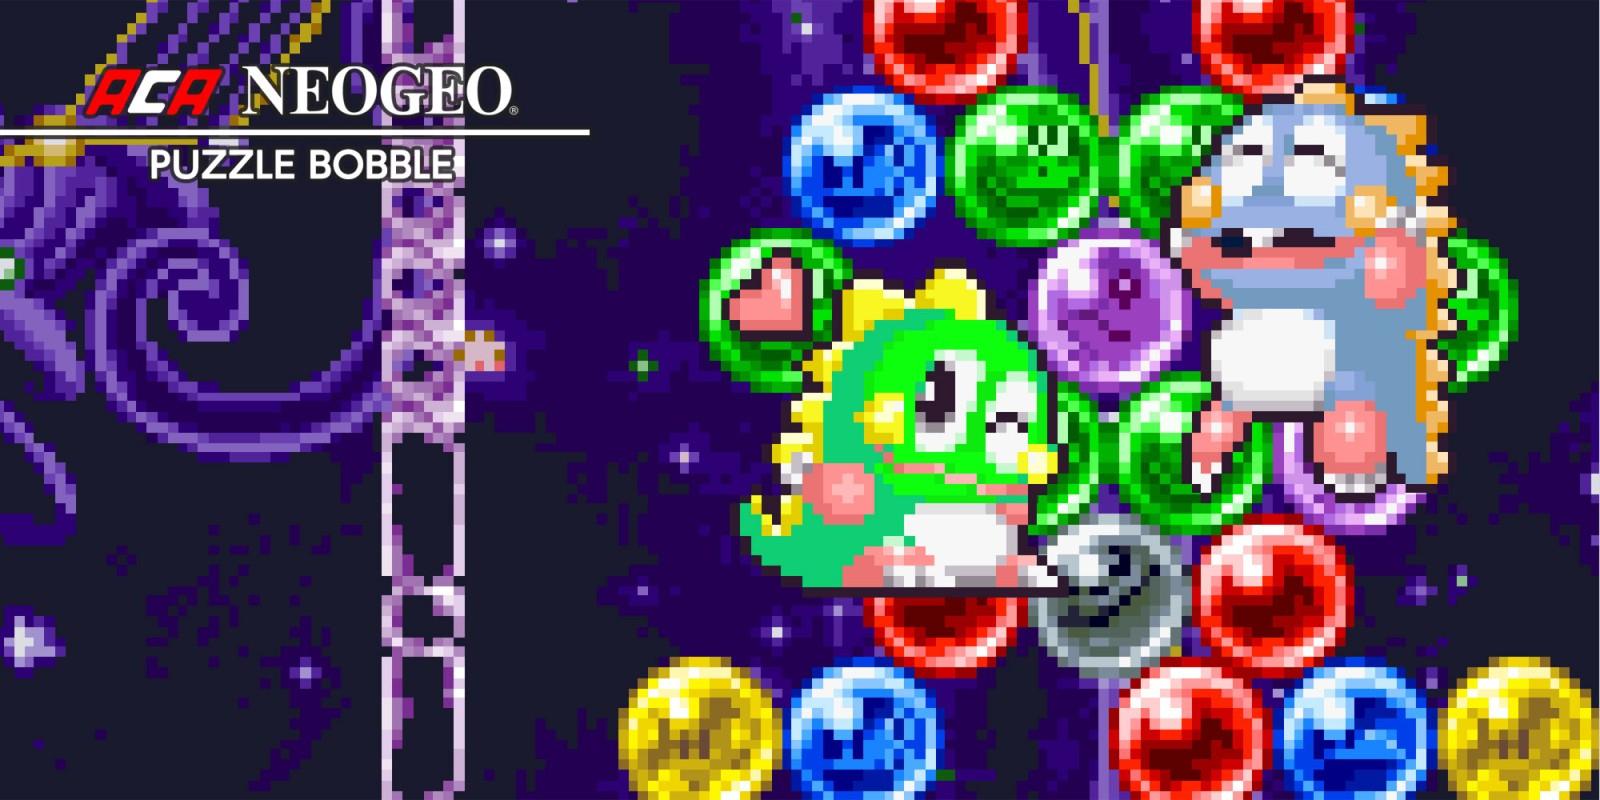 Aca Neogeo Puzzle Bobble | Jeux À Télécharger Sur Nintendo avec Puzzles Gratuits Sans Téléchargement